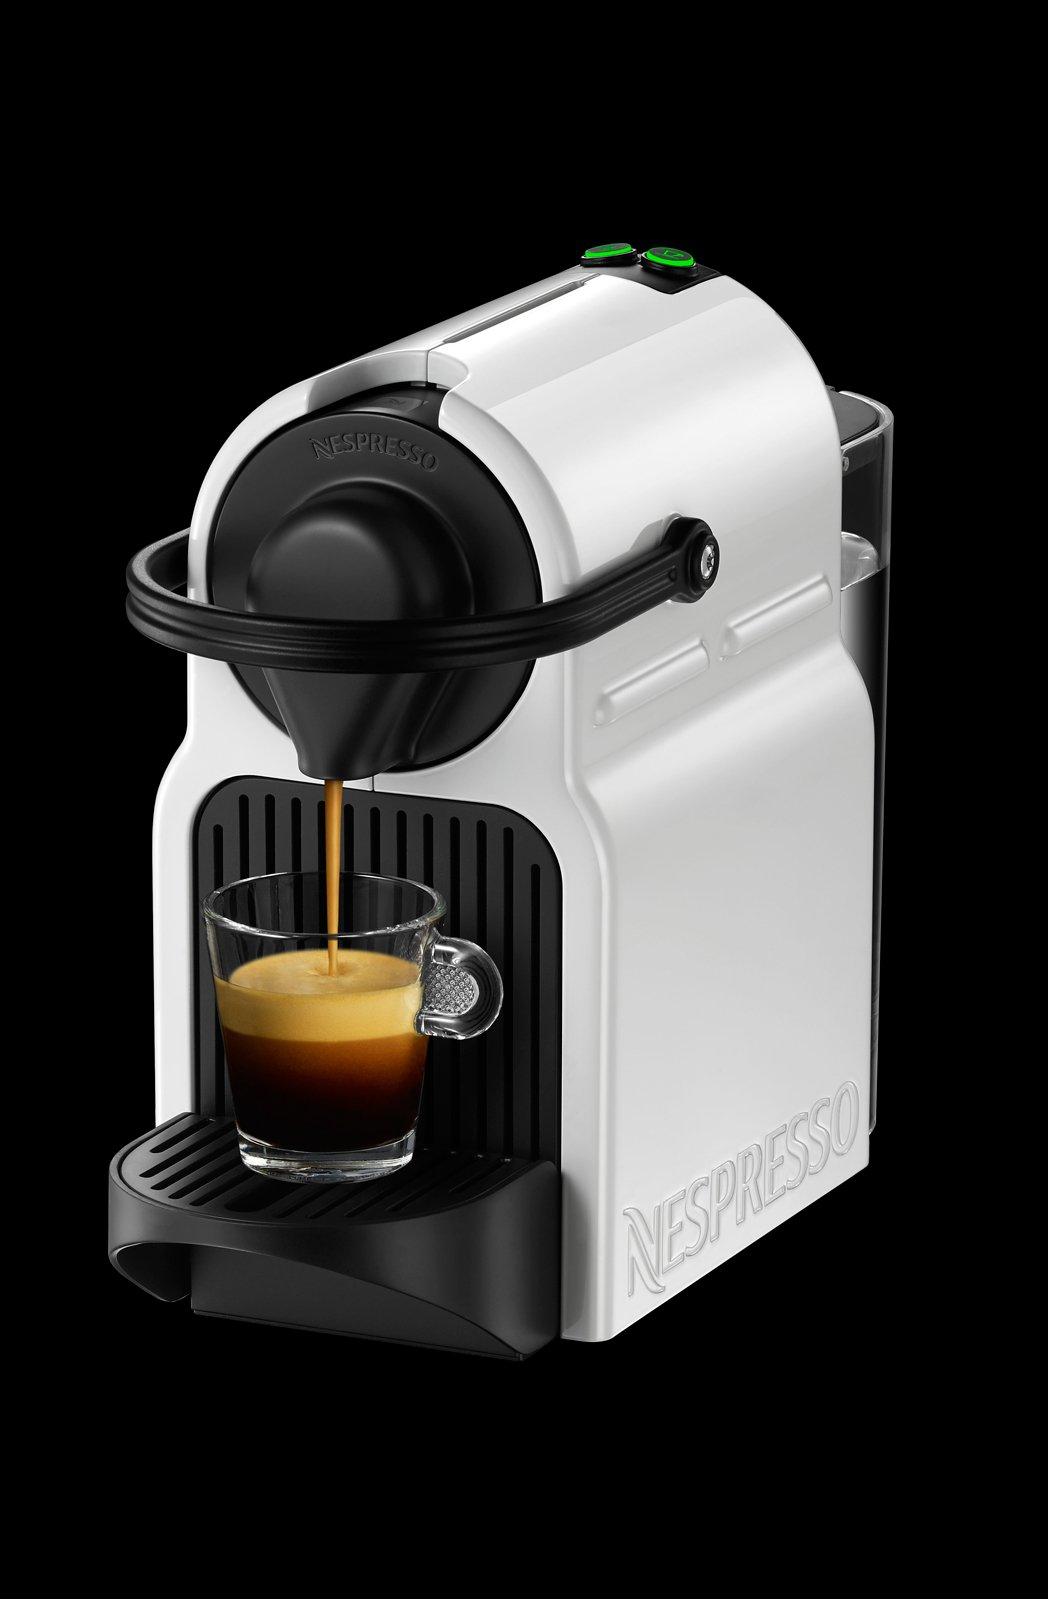 Macchine da caffè: per un espresso come al bar - Cose di Casa